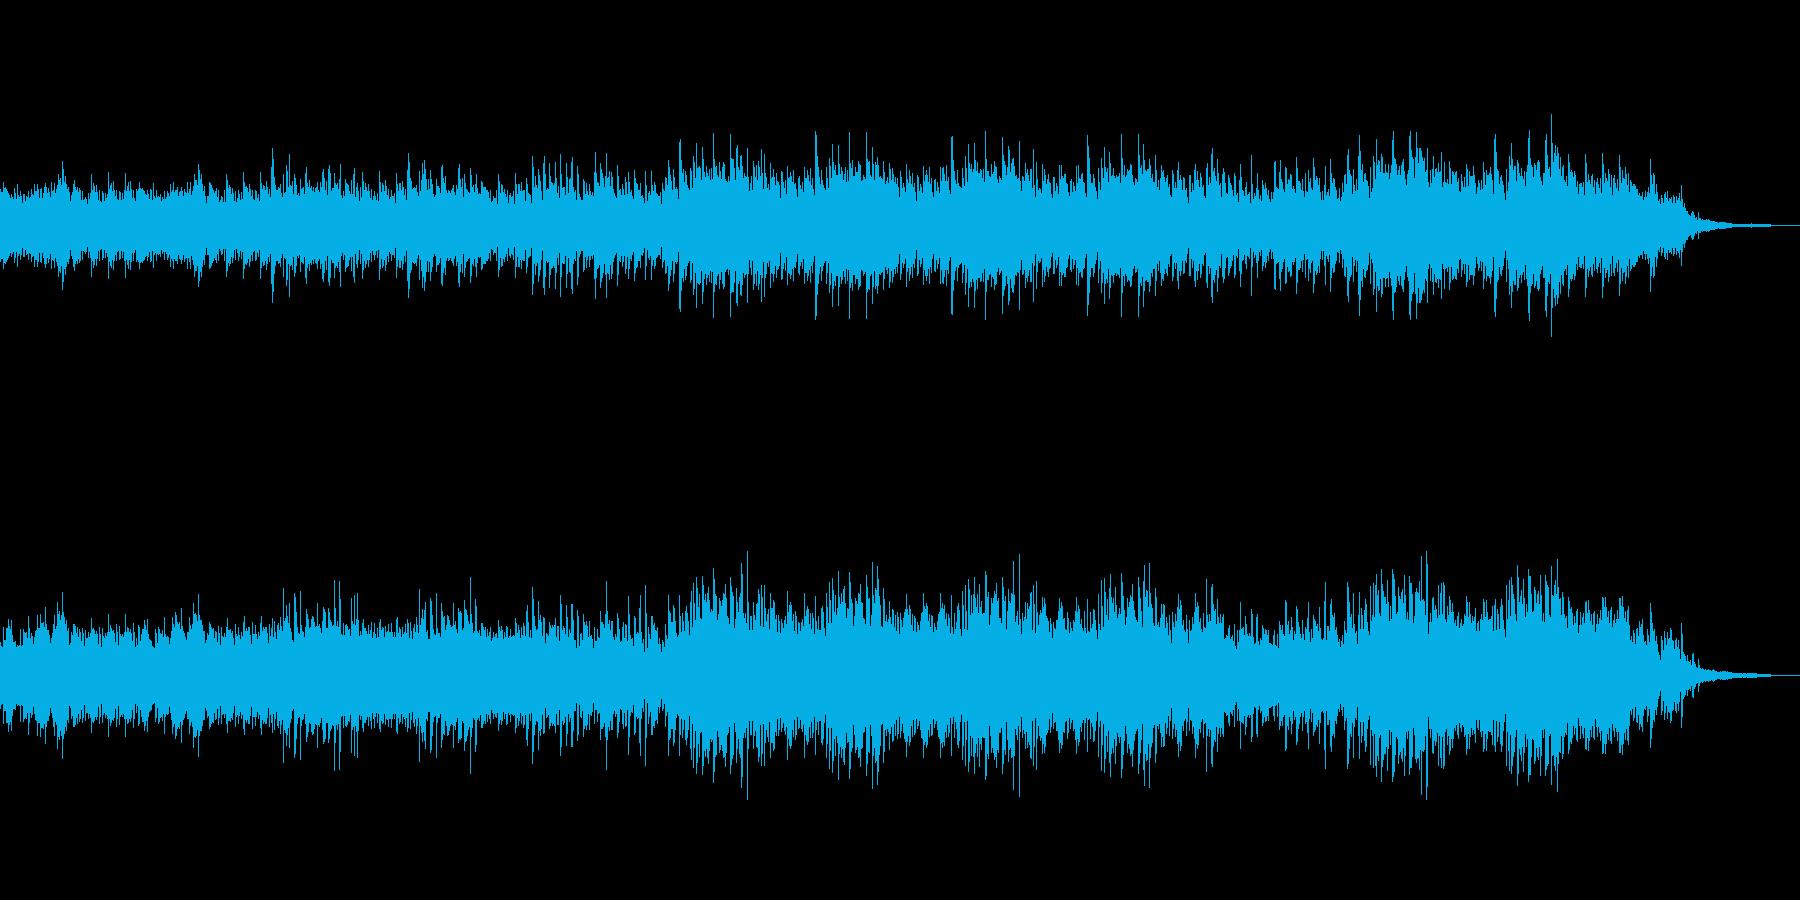 美しい川をイメージした流れるようなBGMの再生済みの波形